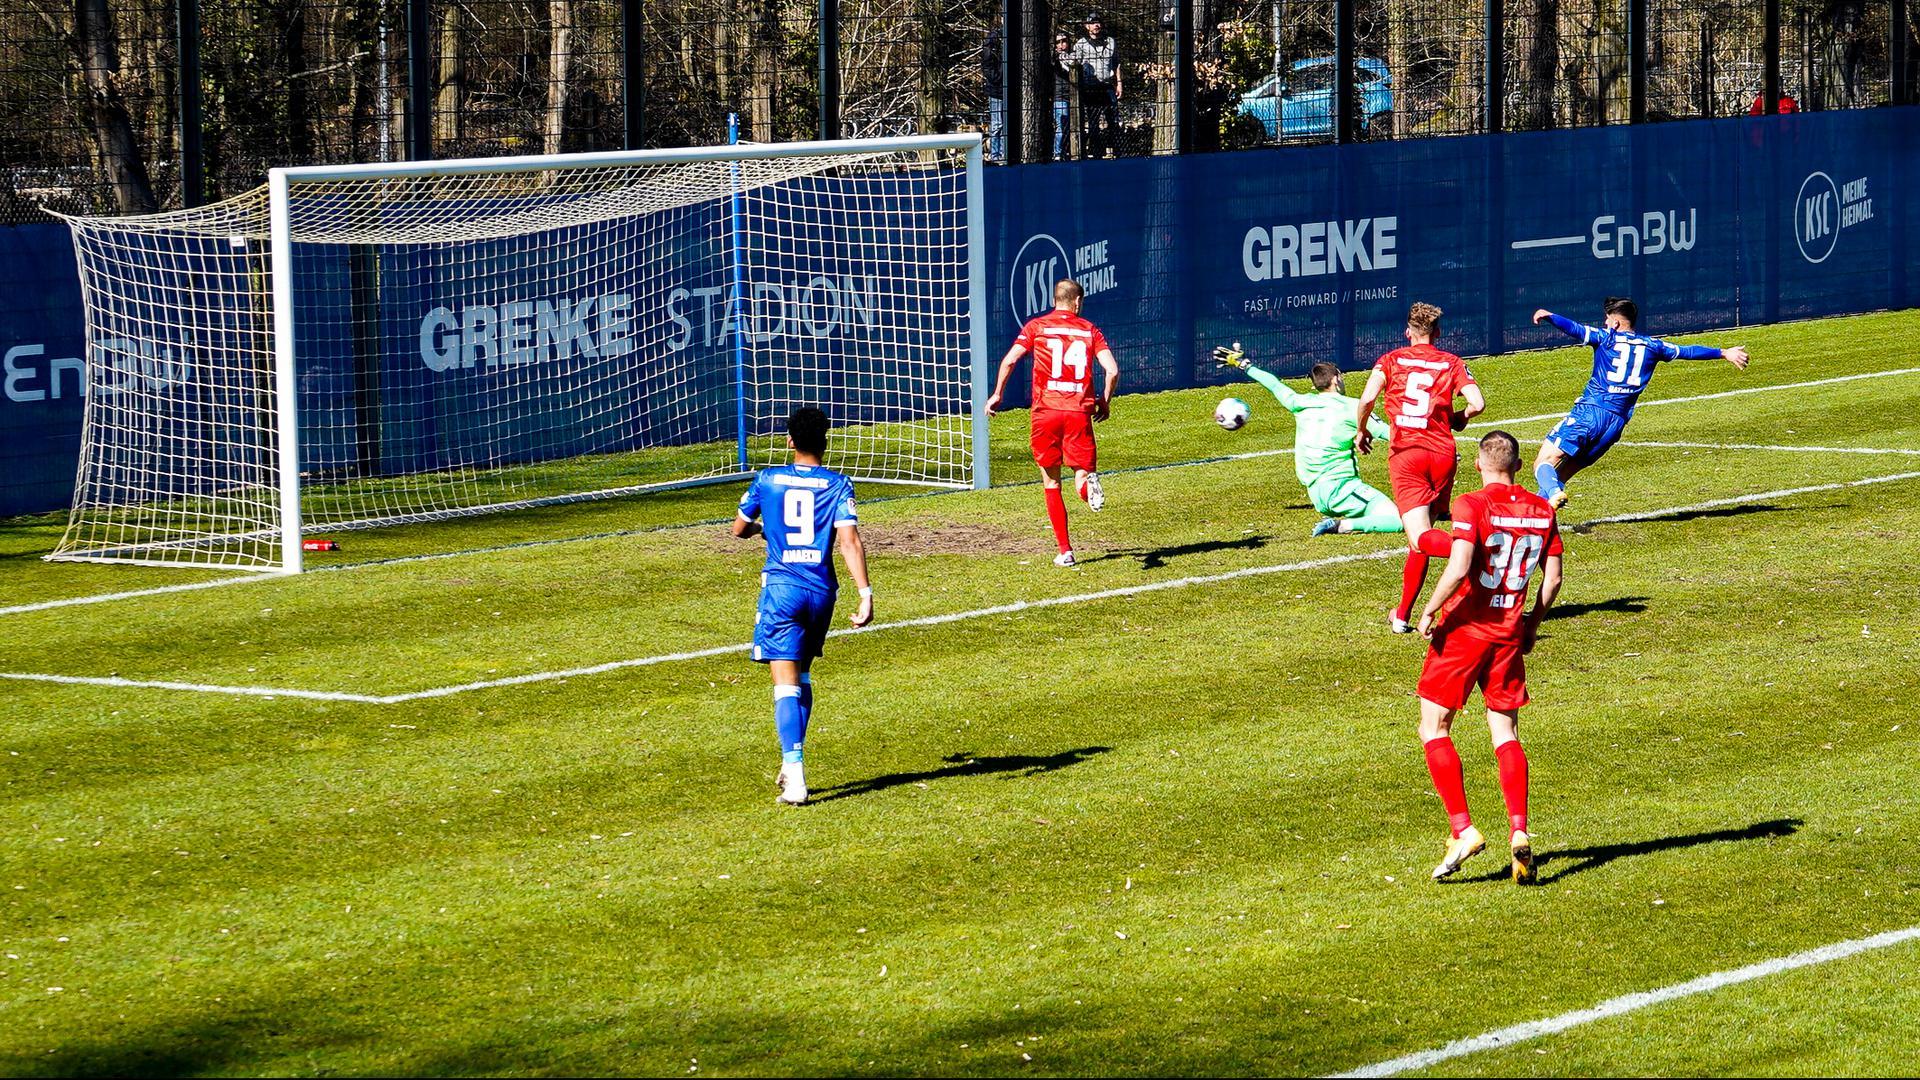 Doppelt erfolgreich: Malik Batmaz traf im Testspiel des KSC gegen den 1. FC Kaiserslautern gleich zweimal.